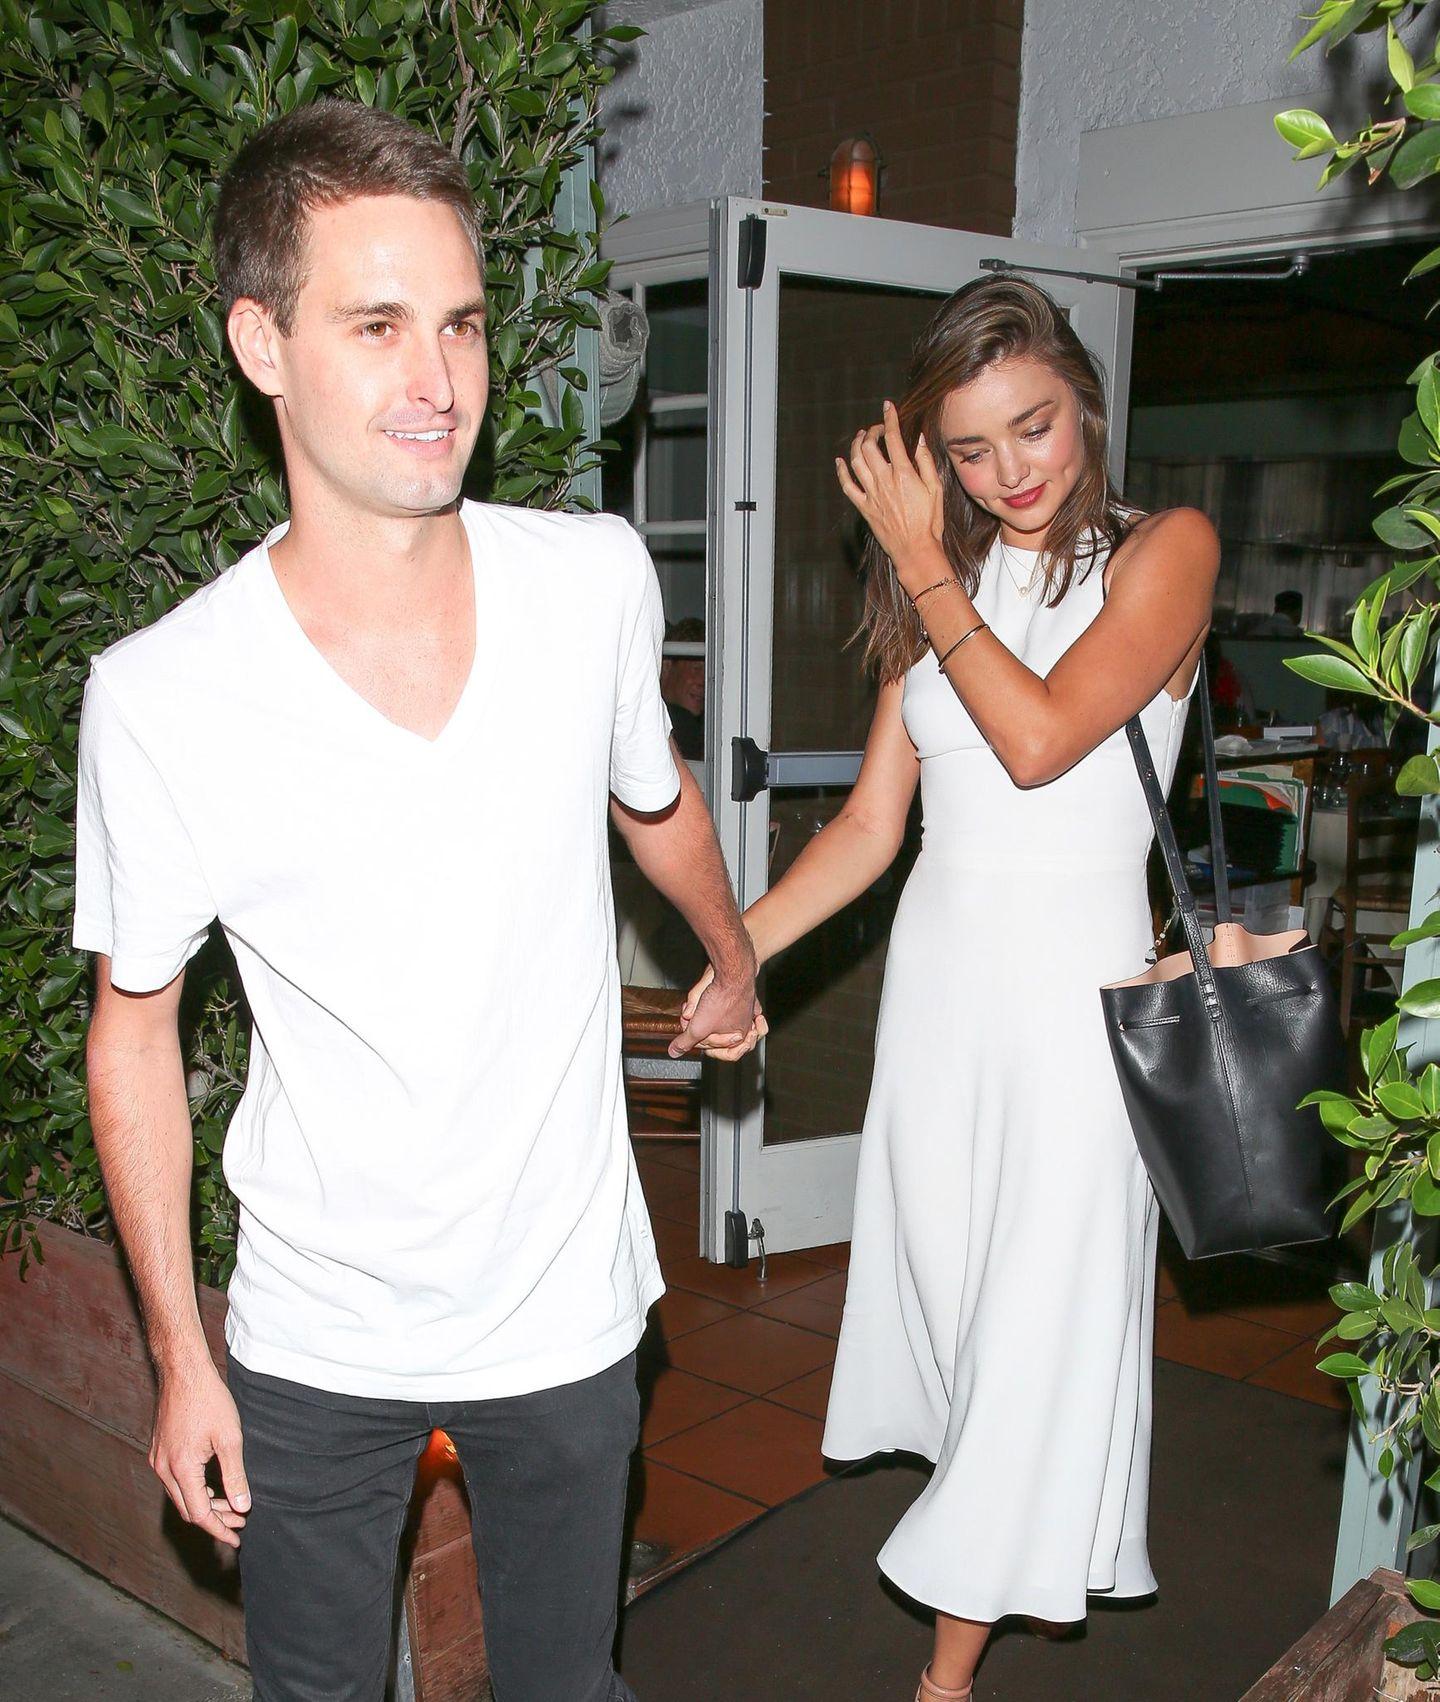 20. September 2015: Snapchat-Millionär Evan Spiegel und Miranda Kerr verlassen Hand in Hand ein Restaurant in Santa Monica.